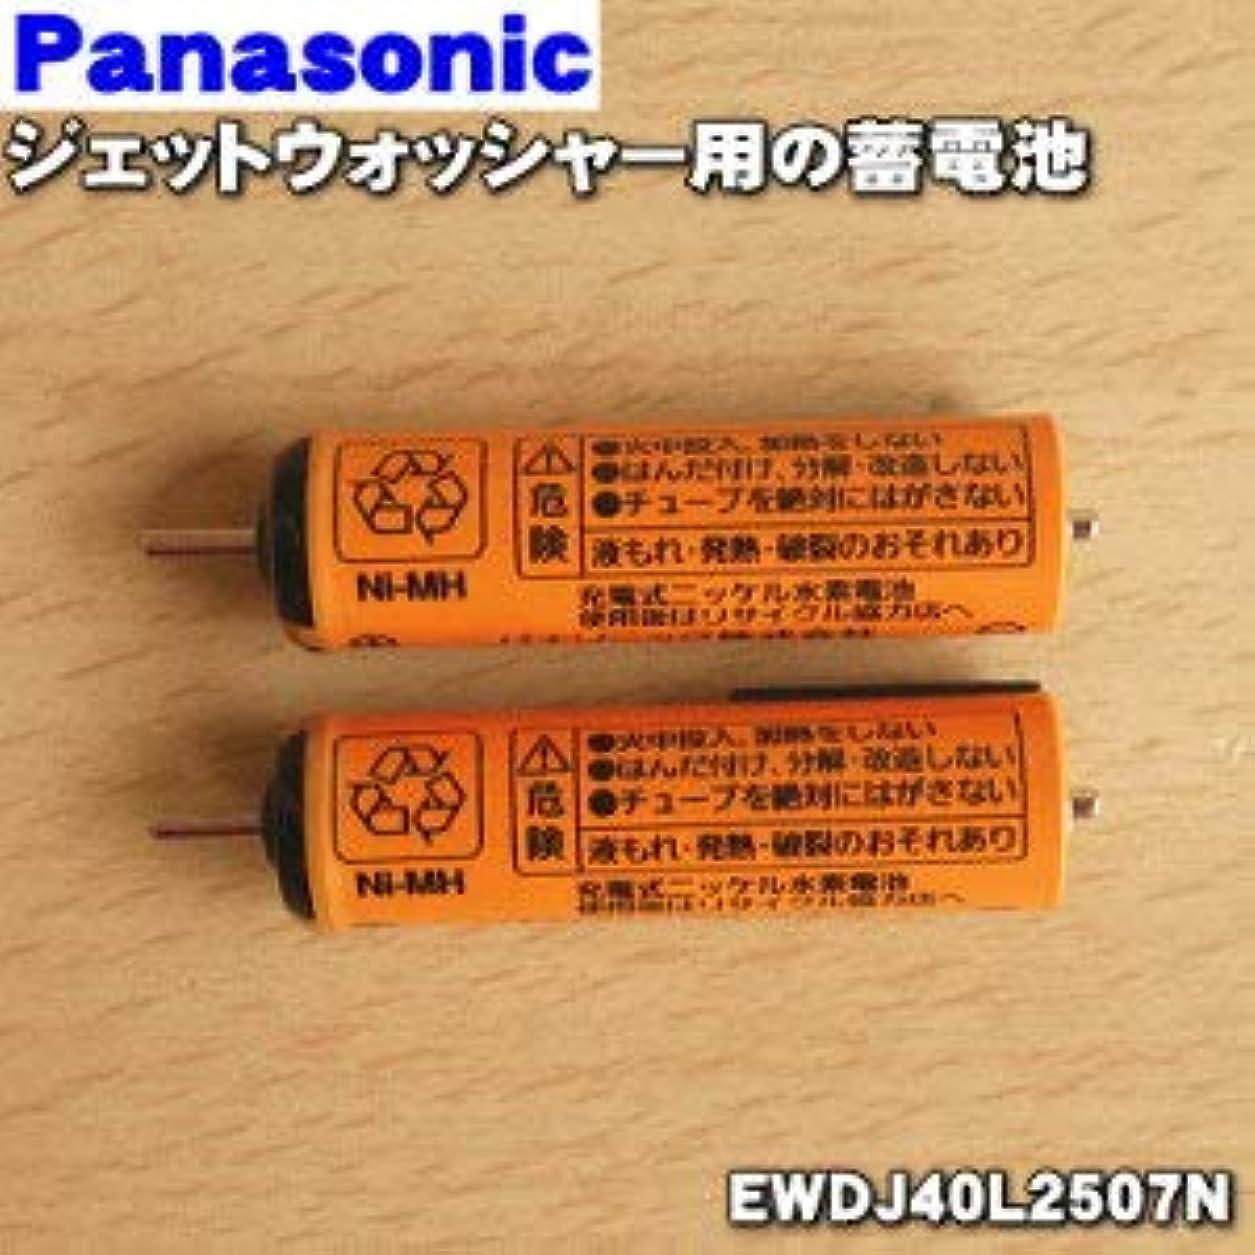 六分儀すすり泣きぜいたくパナソニック Panasonic 音波振動ハブラシ Doltz 蓄電池交換用蓄電池 EWDJ40L2507N